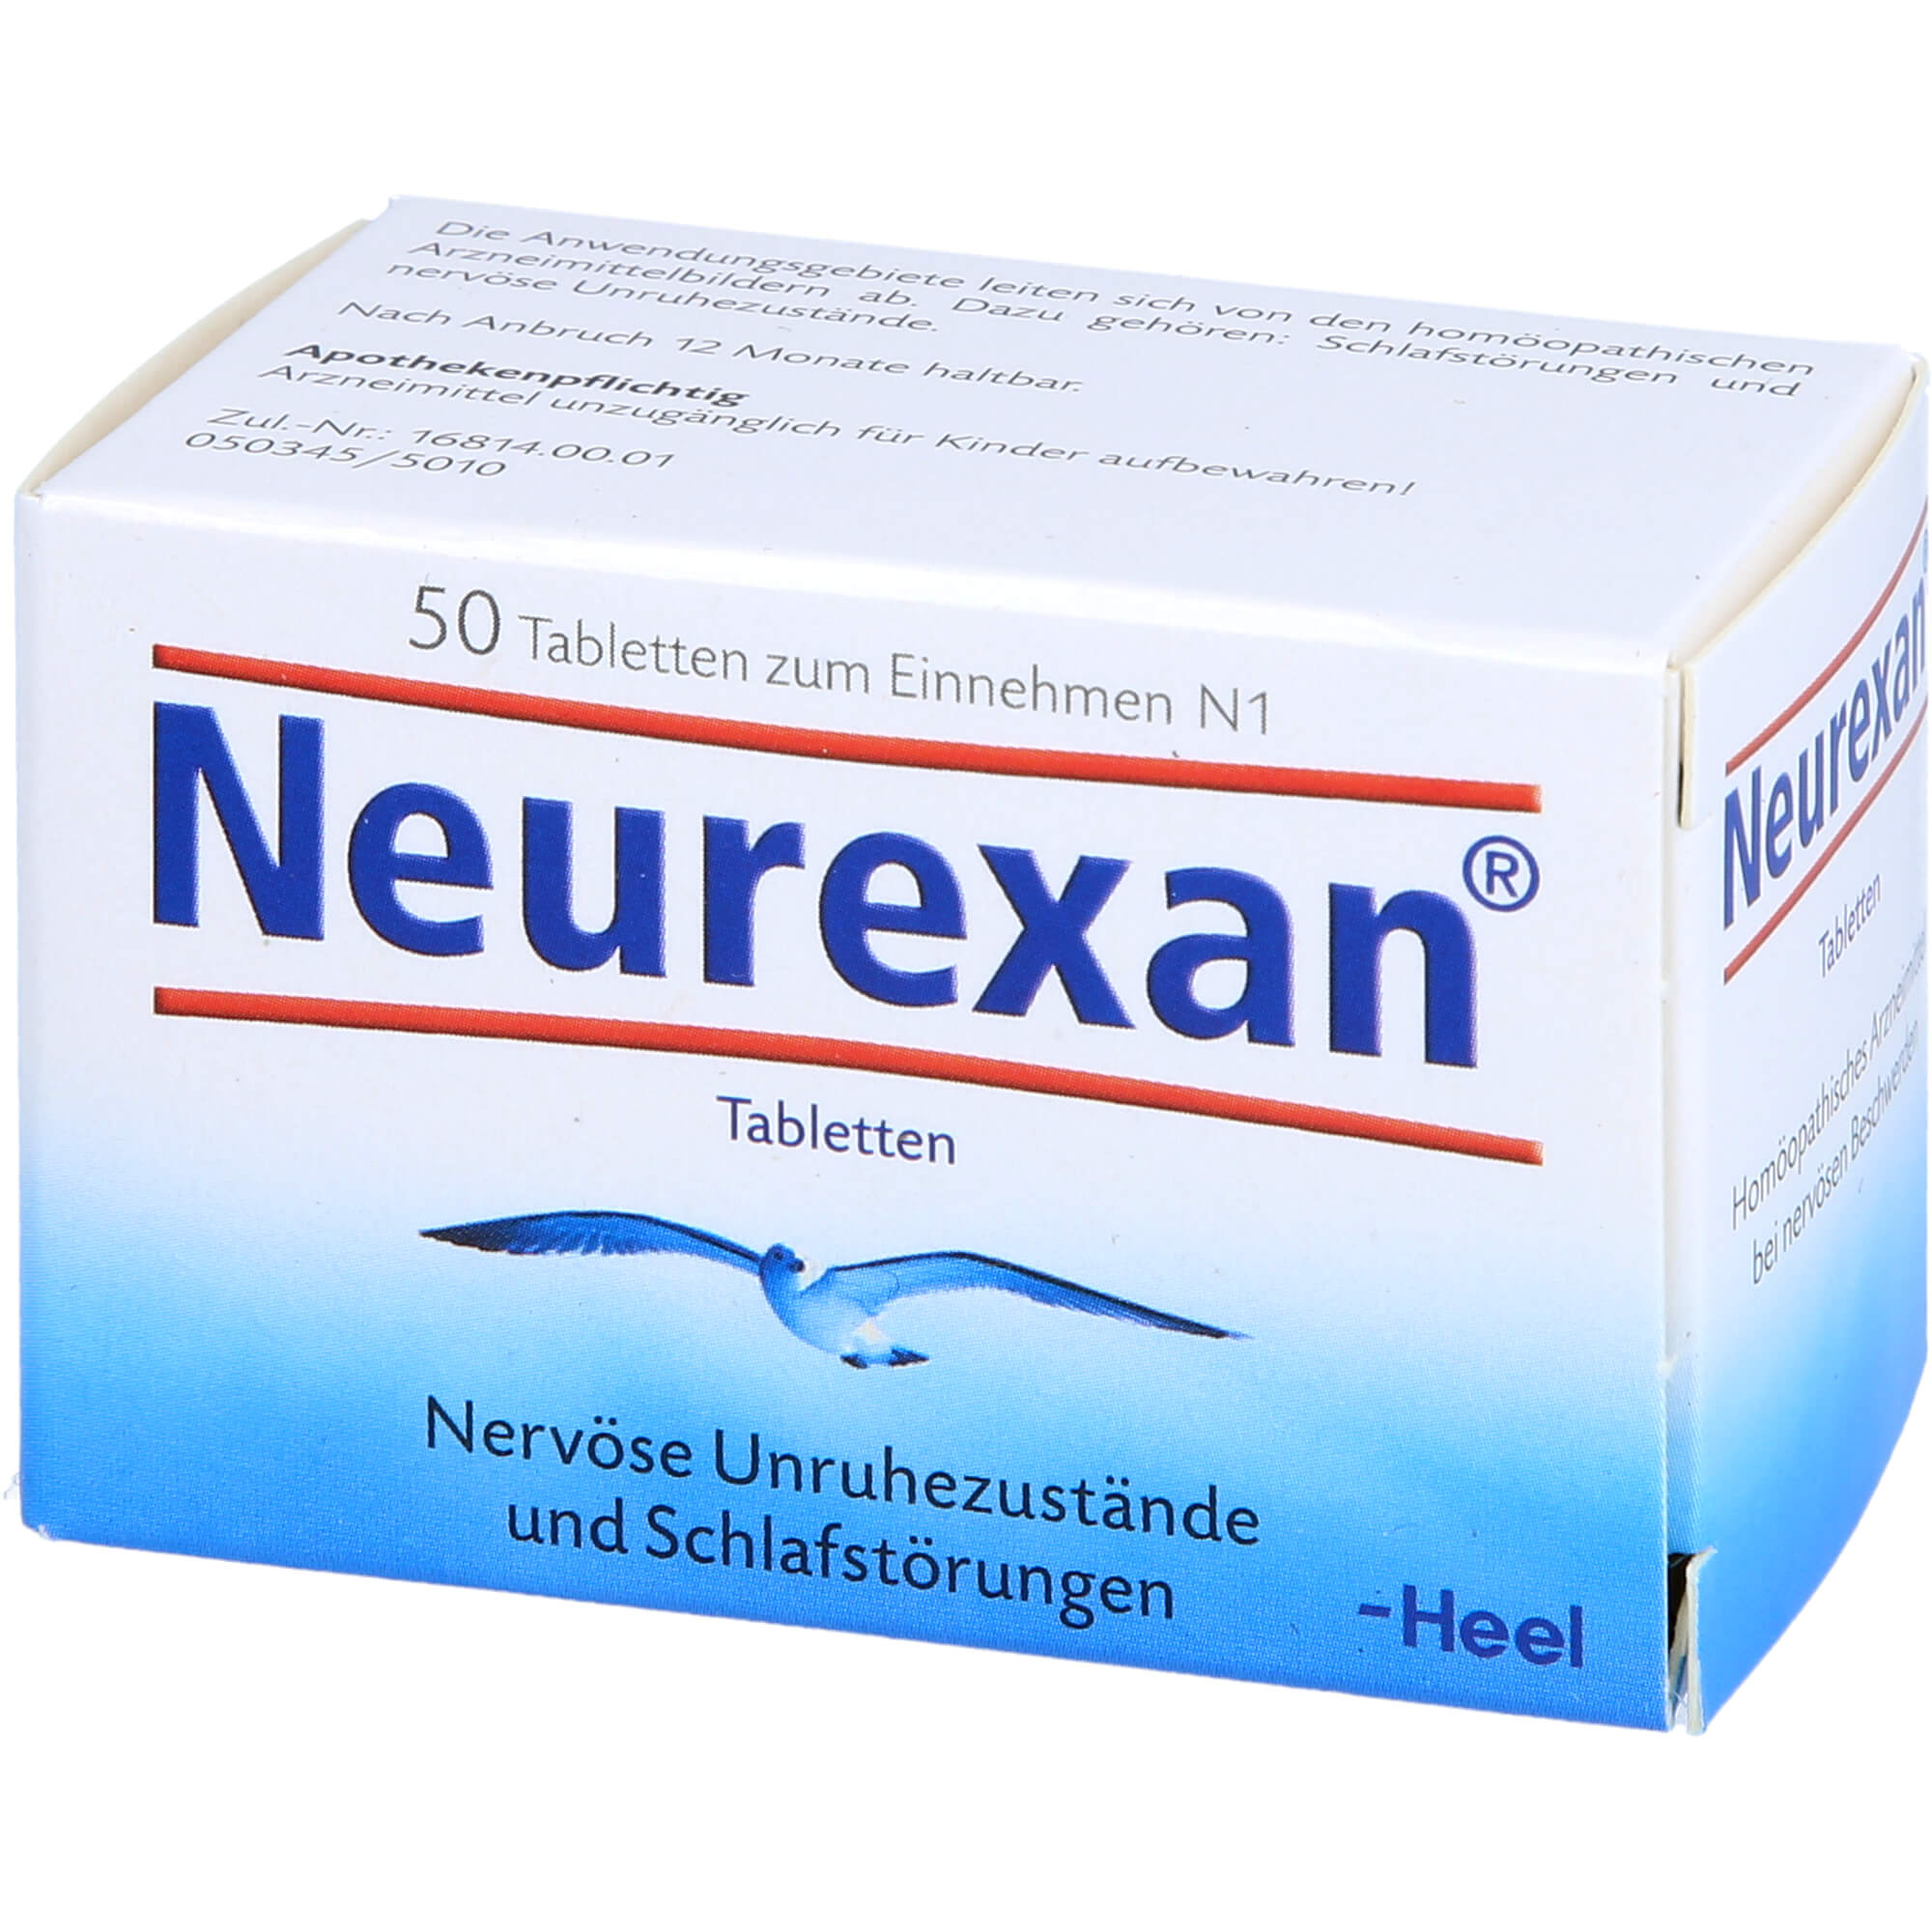 NEUREXAN Tabletten